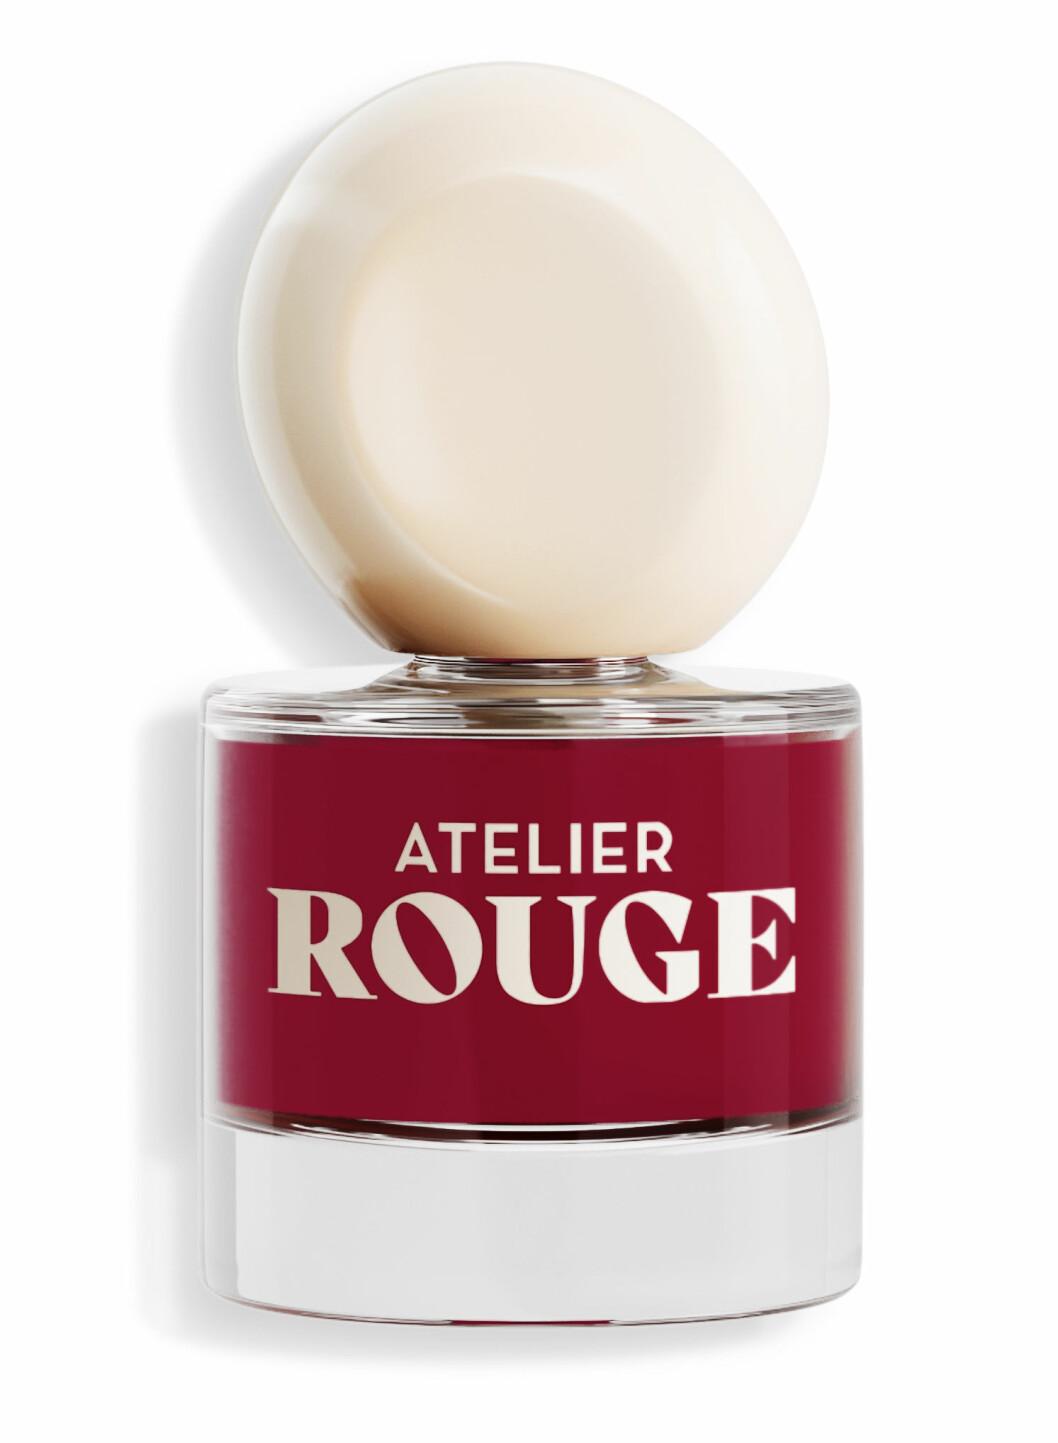 Måla naglarna i en blodröd nyans. Färgen Rebellion från Atelier Rouge ger en perfekt blodröd nyans